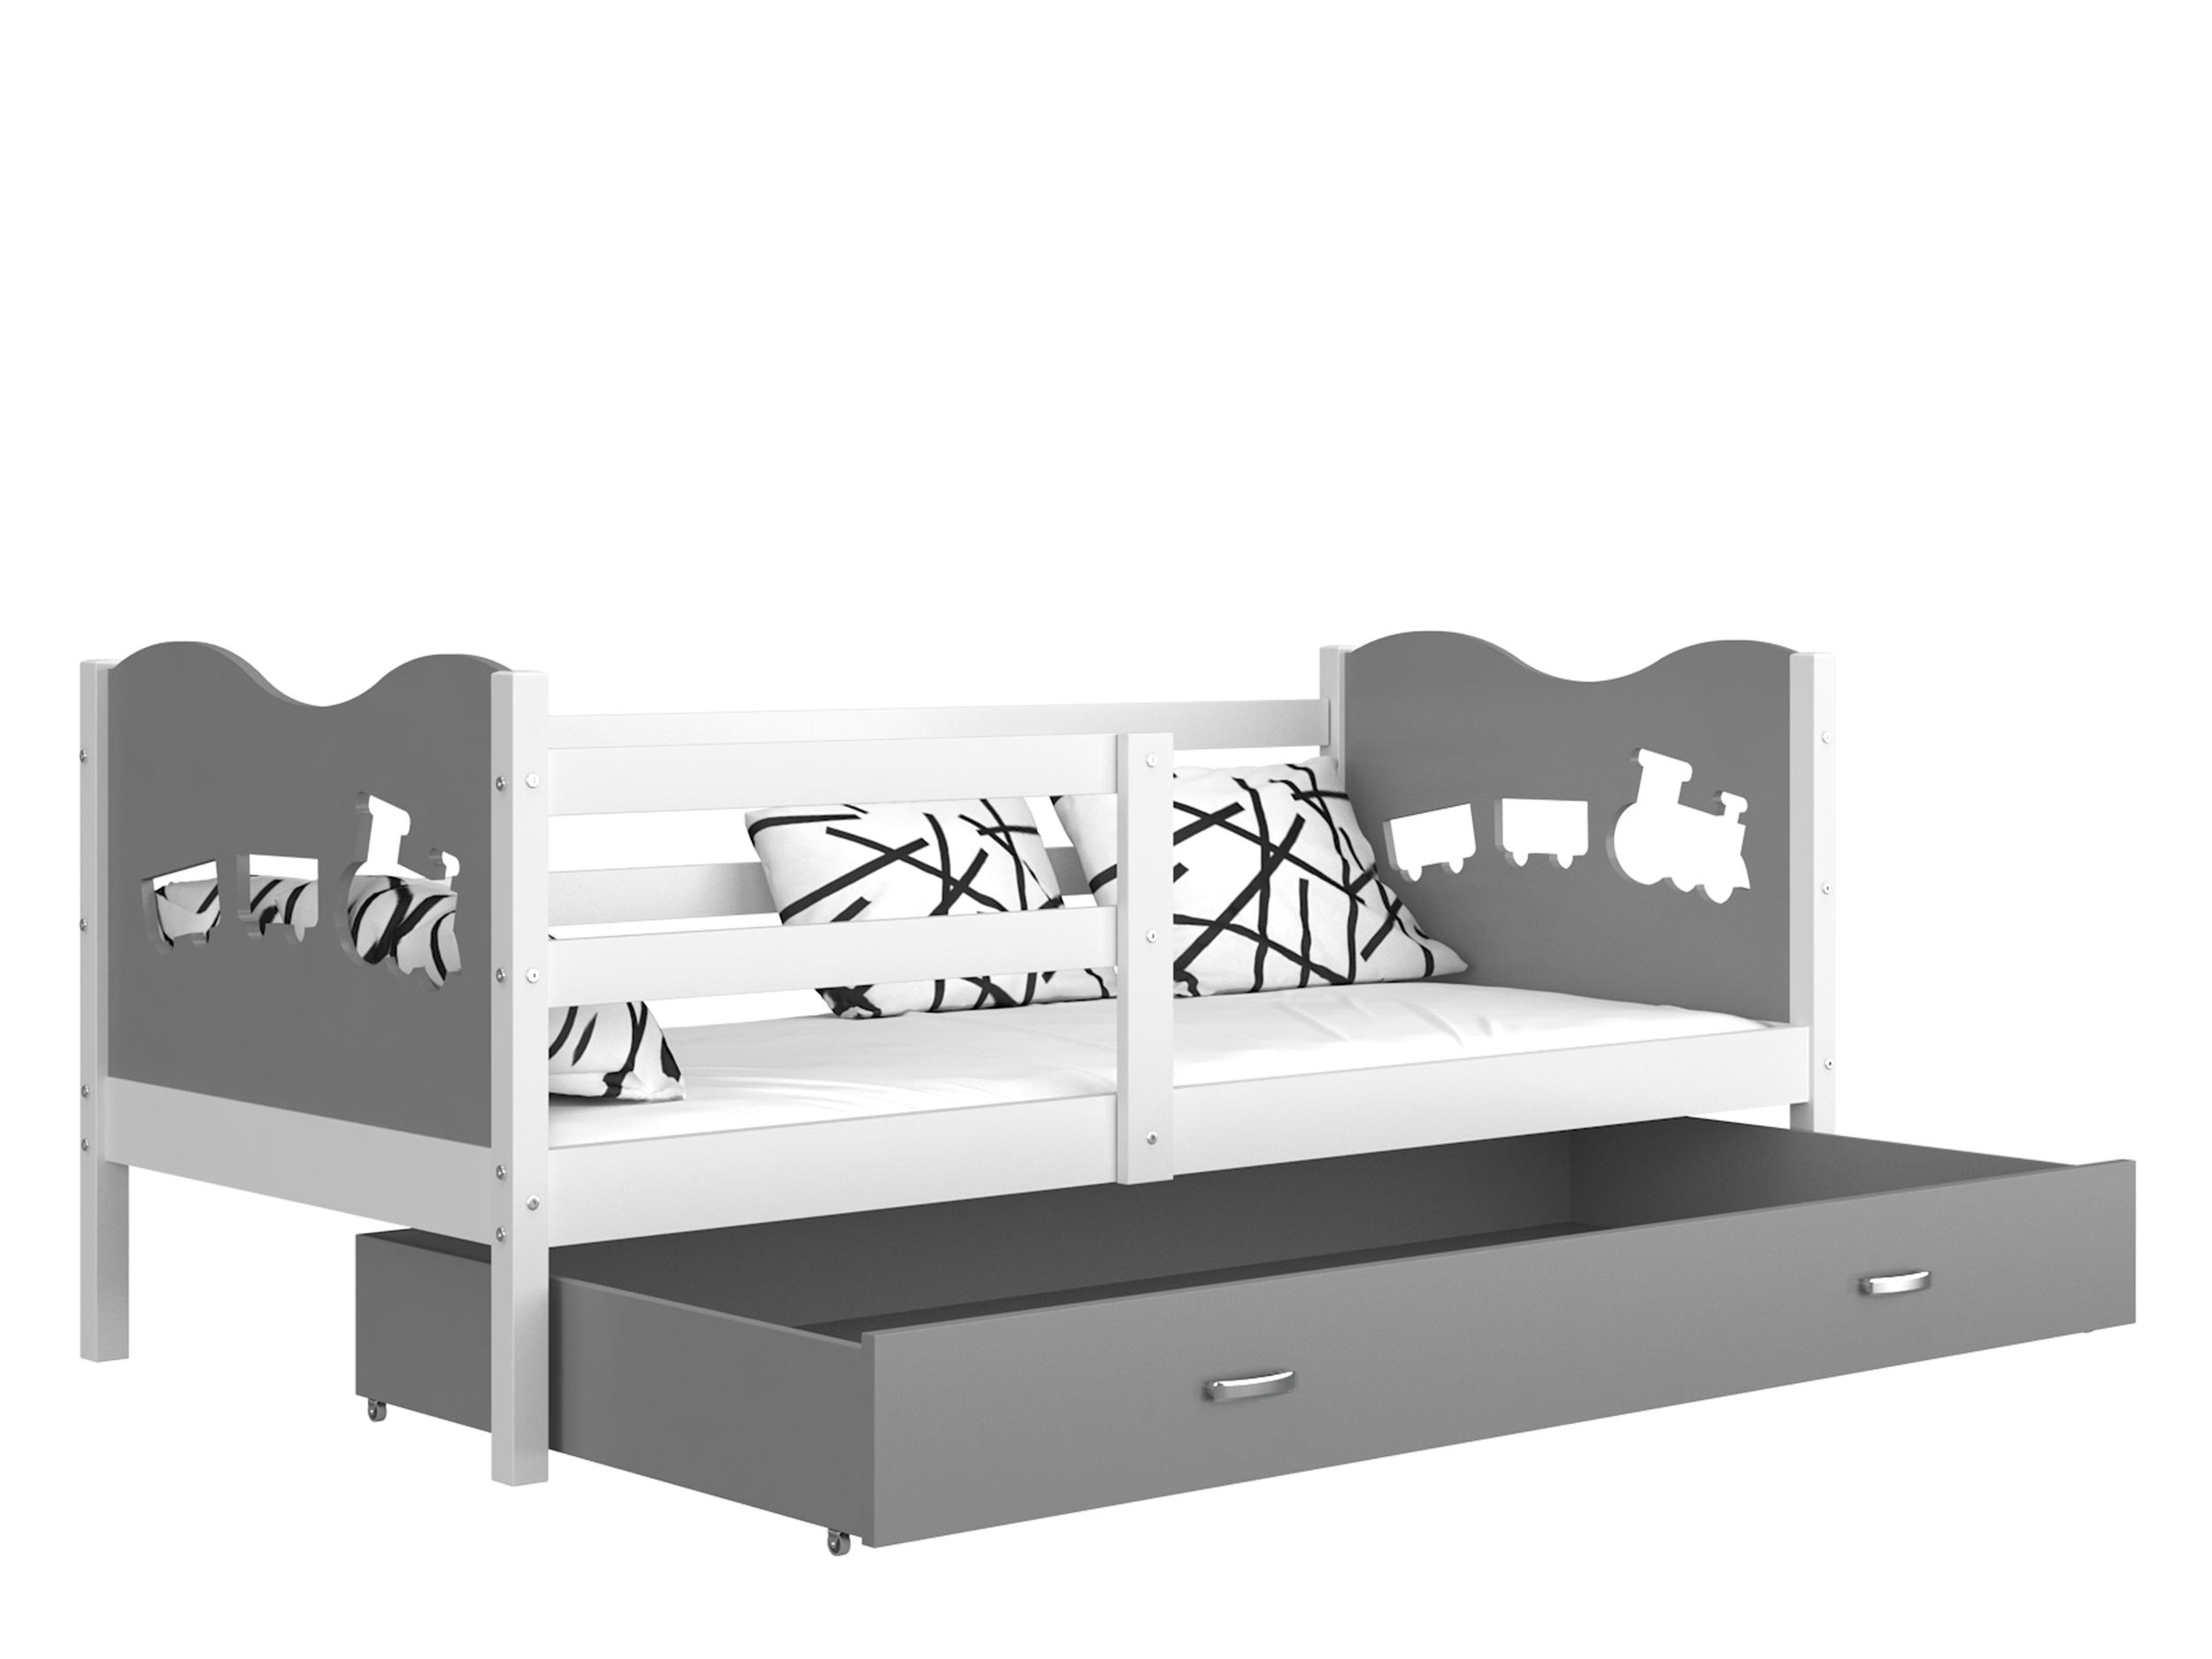 ArtAJ Detská posteľ MAX P / MDF 160 x 80 cm Farba: biela / sivá 160 x 80 cm, s matracom